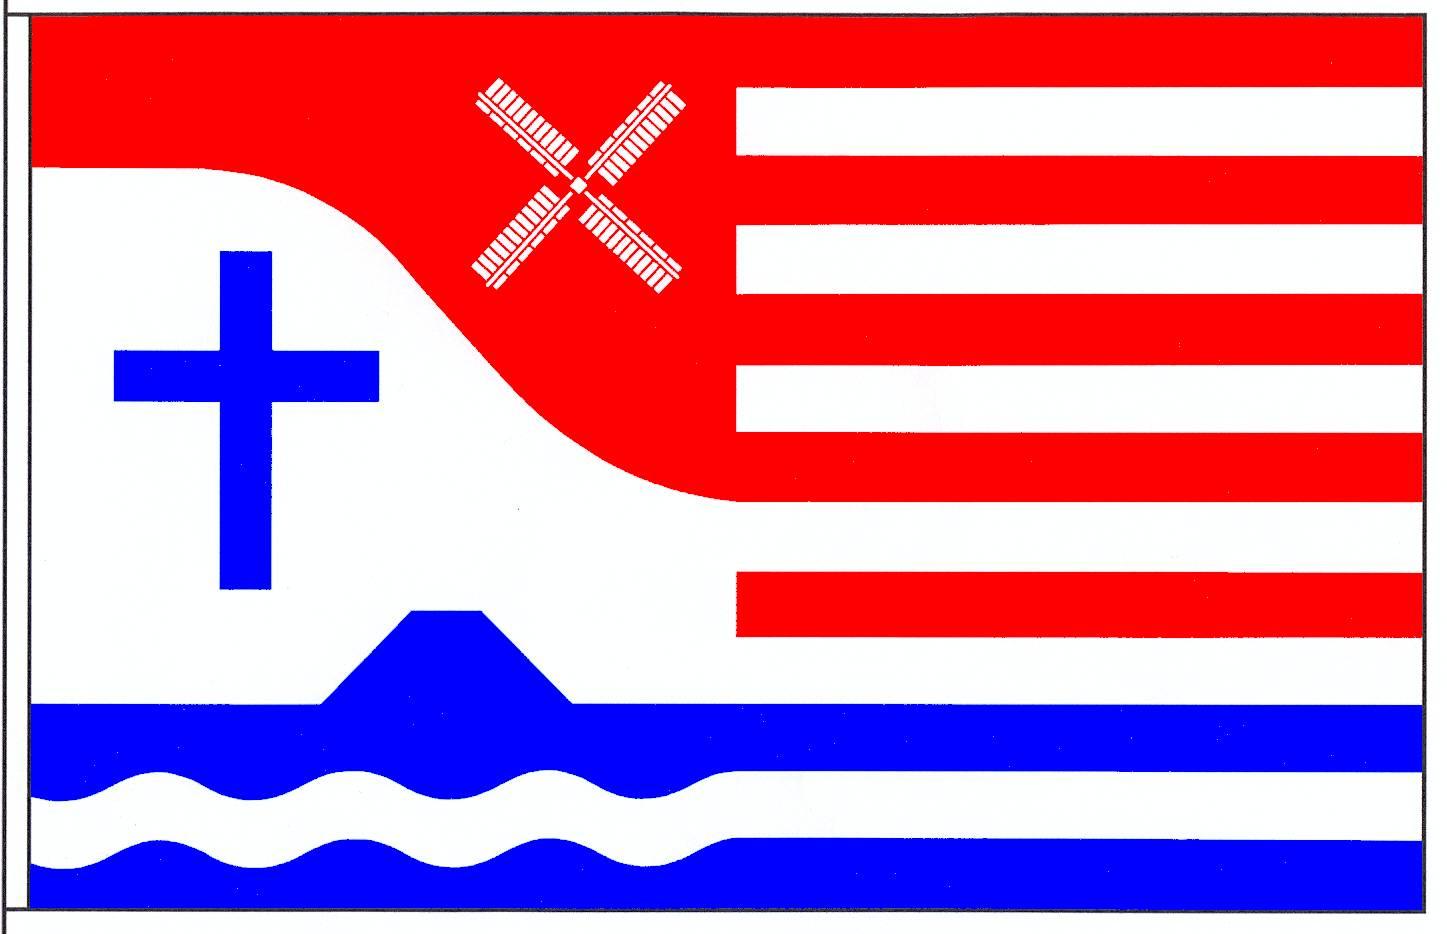 Flagge GemeindeBarlt, Kreis Dithmarschen